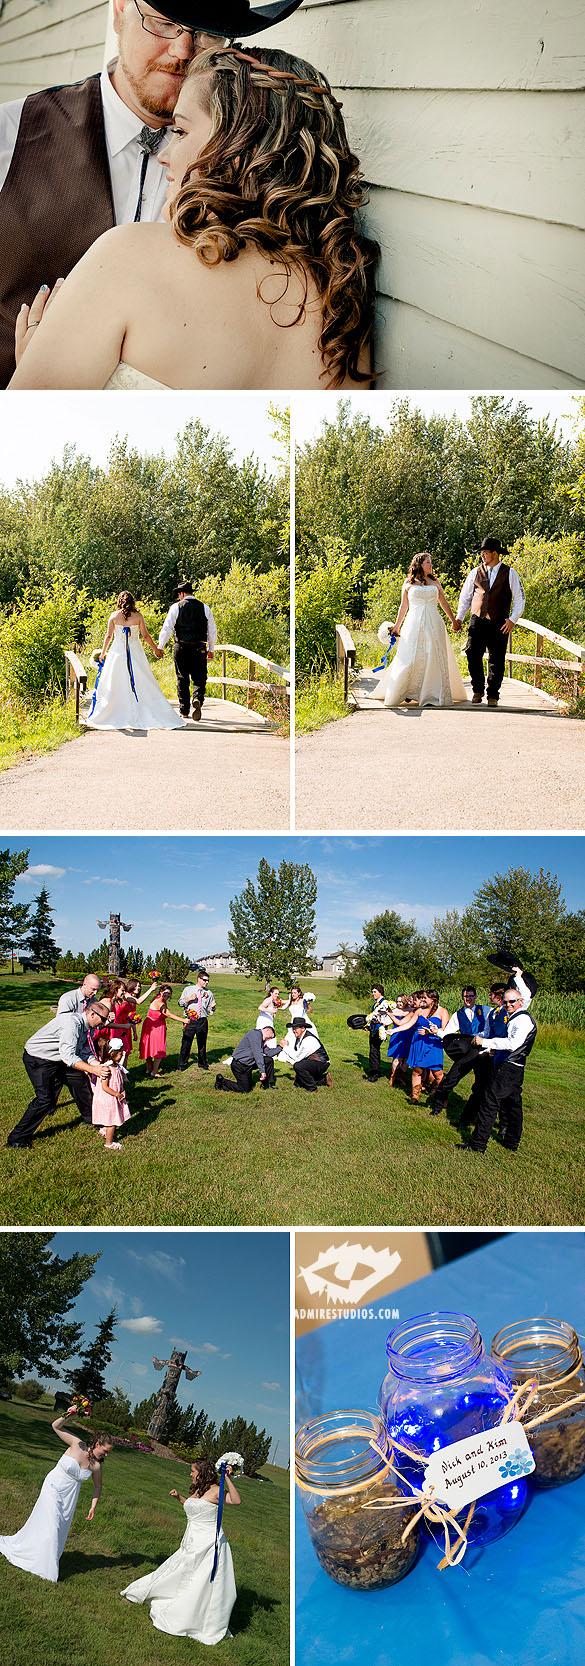 Edmonton Western Wedding